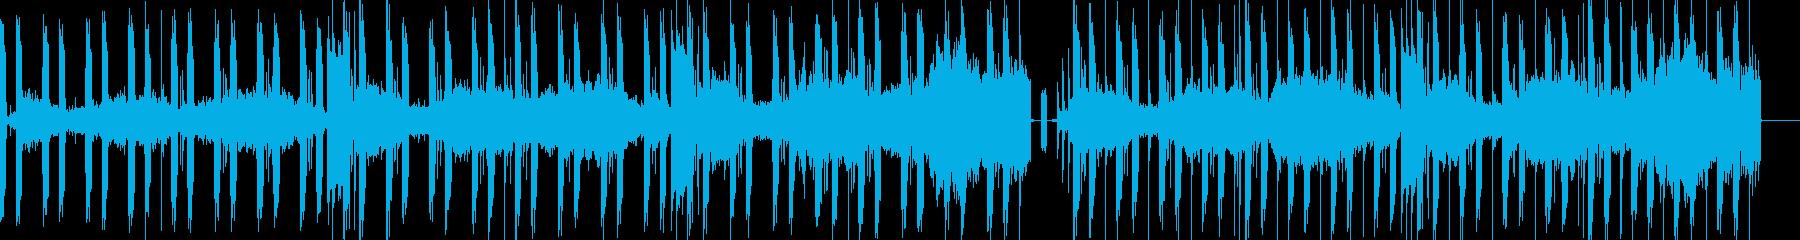 緊迫感のあるミステリー&ホラーサウンドの再生済みの波形